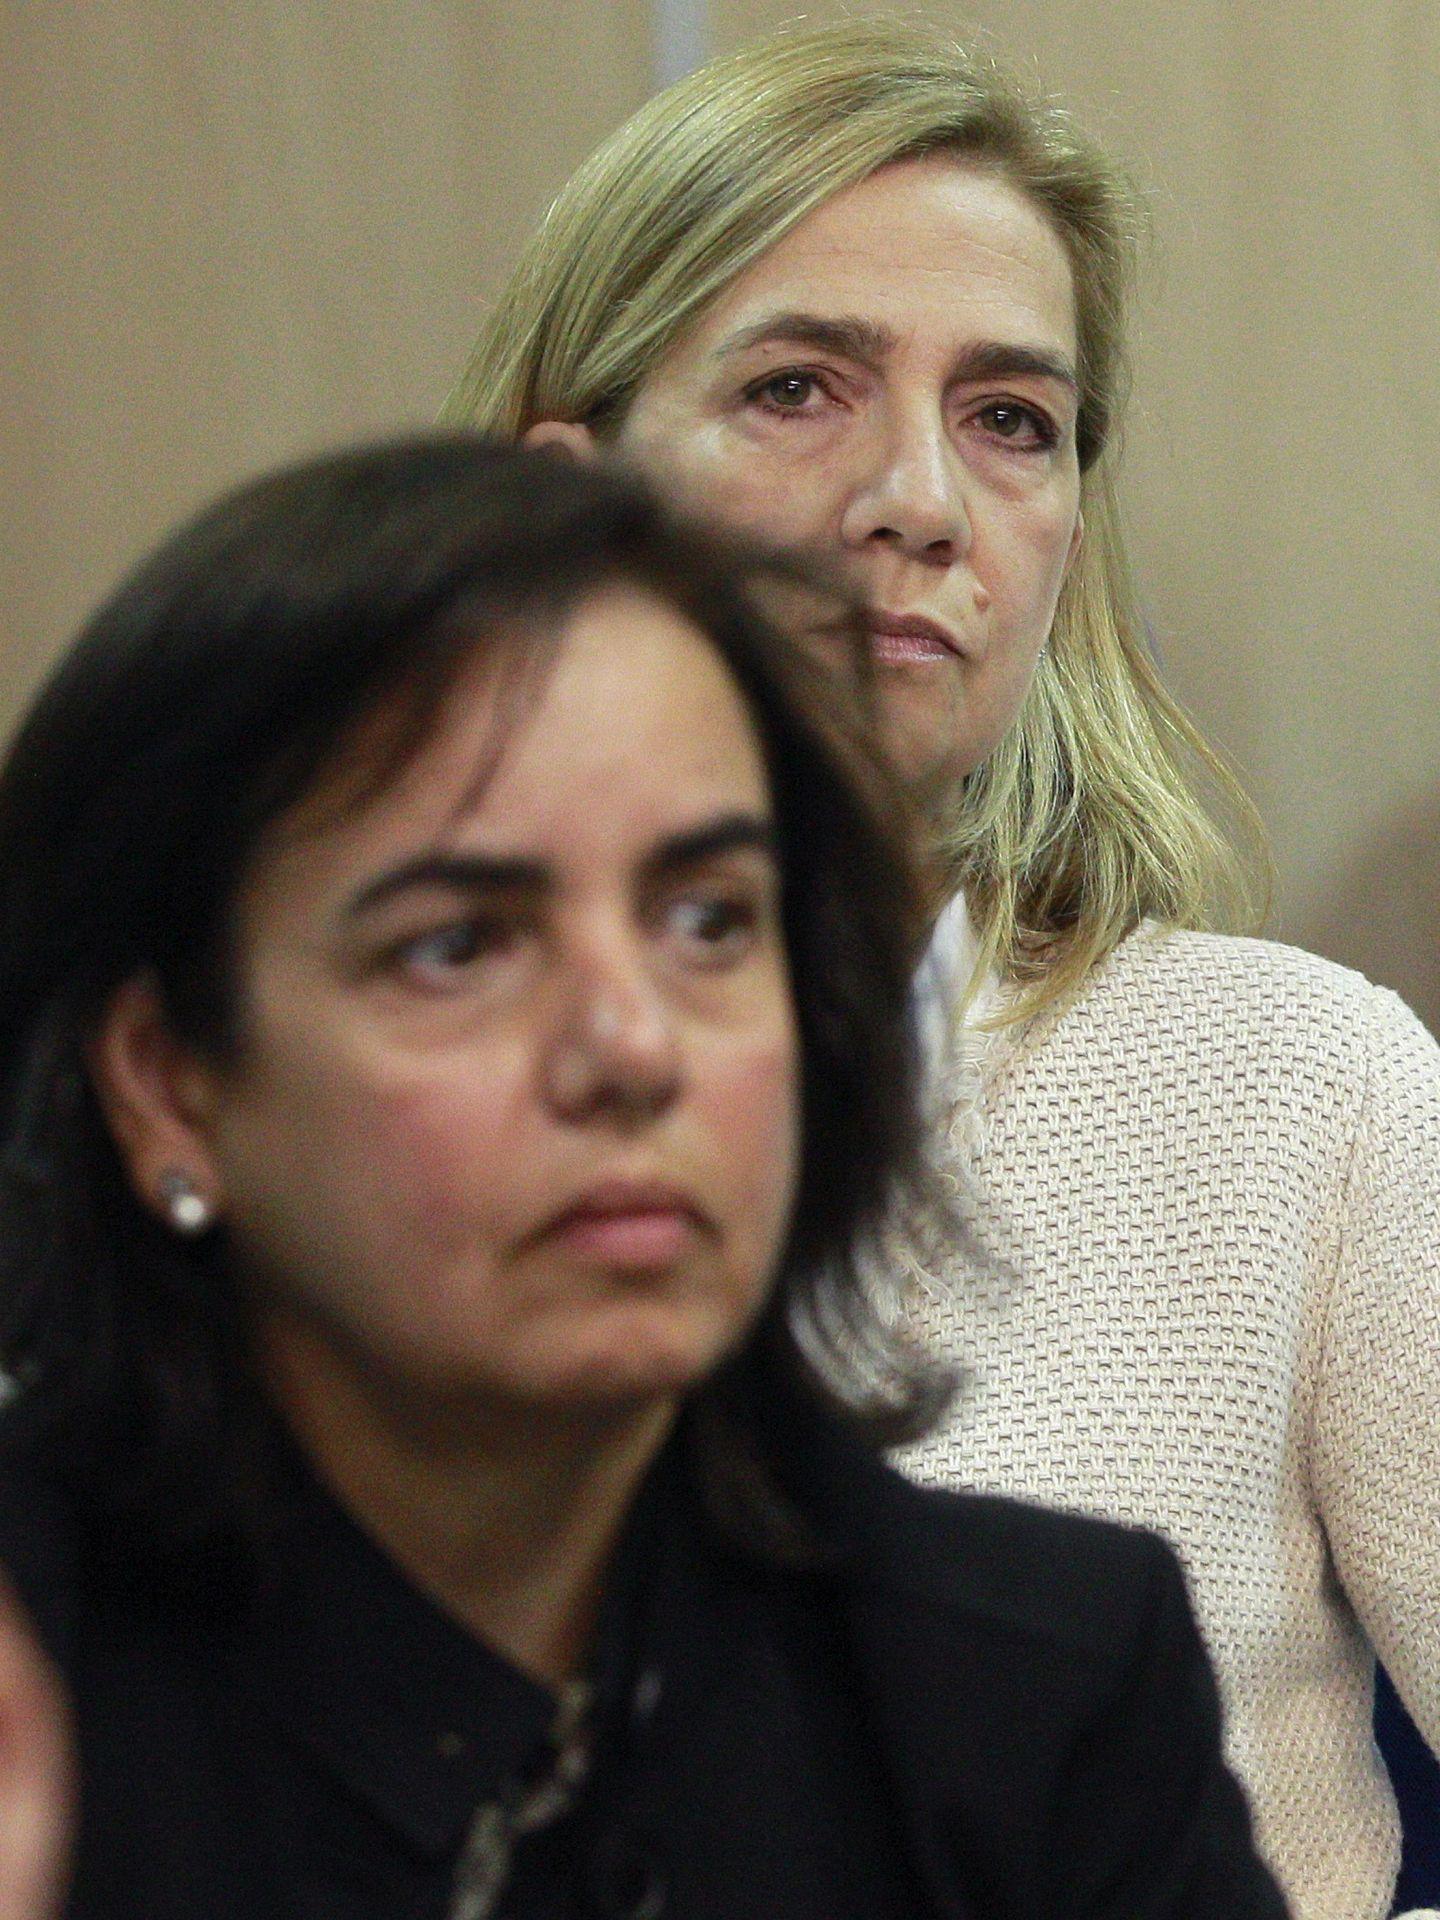 La infanta Cristina y Ana Tejeiro asisten sentadas una delante de la otra al juicio por el caso Nóos. (EFE)